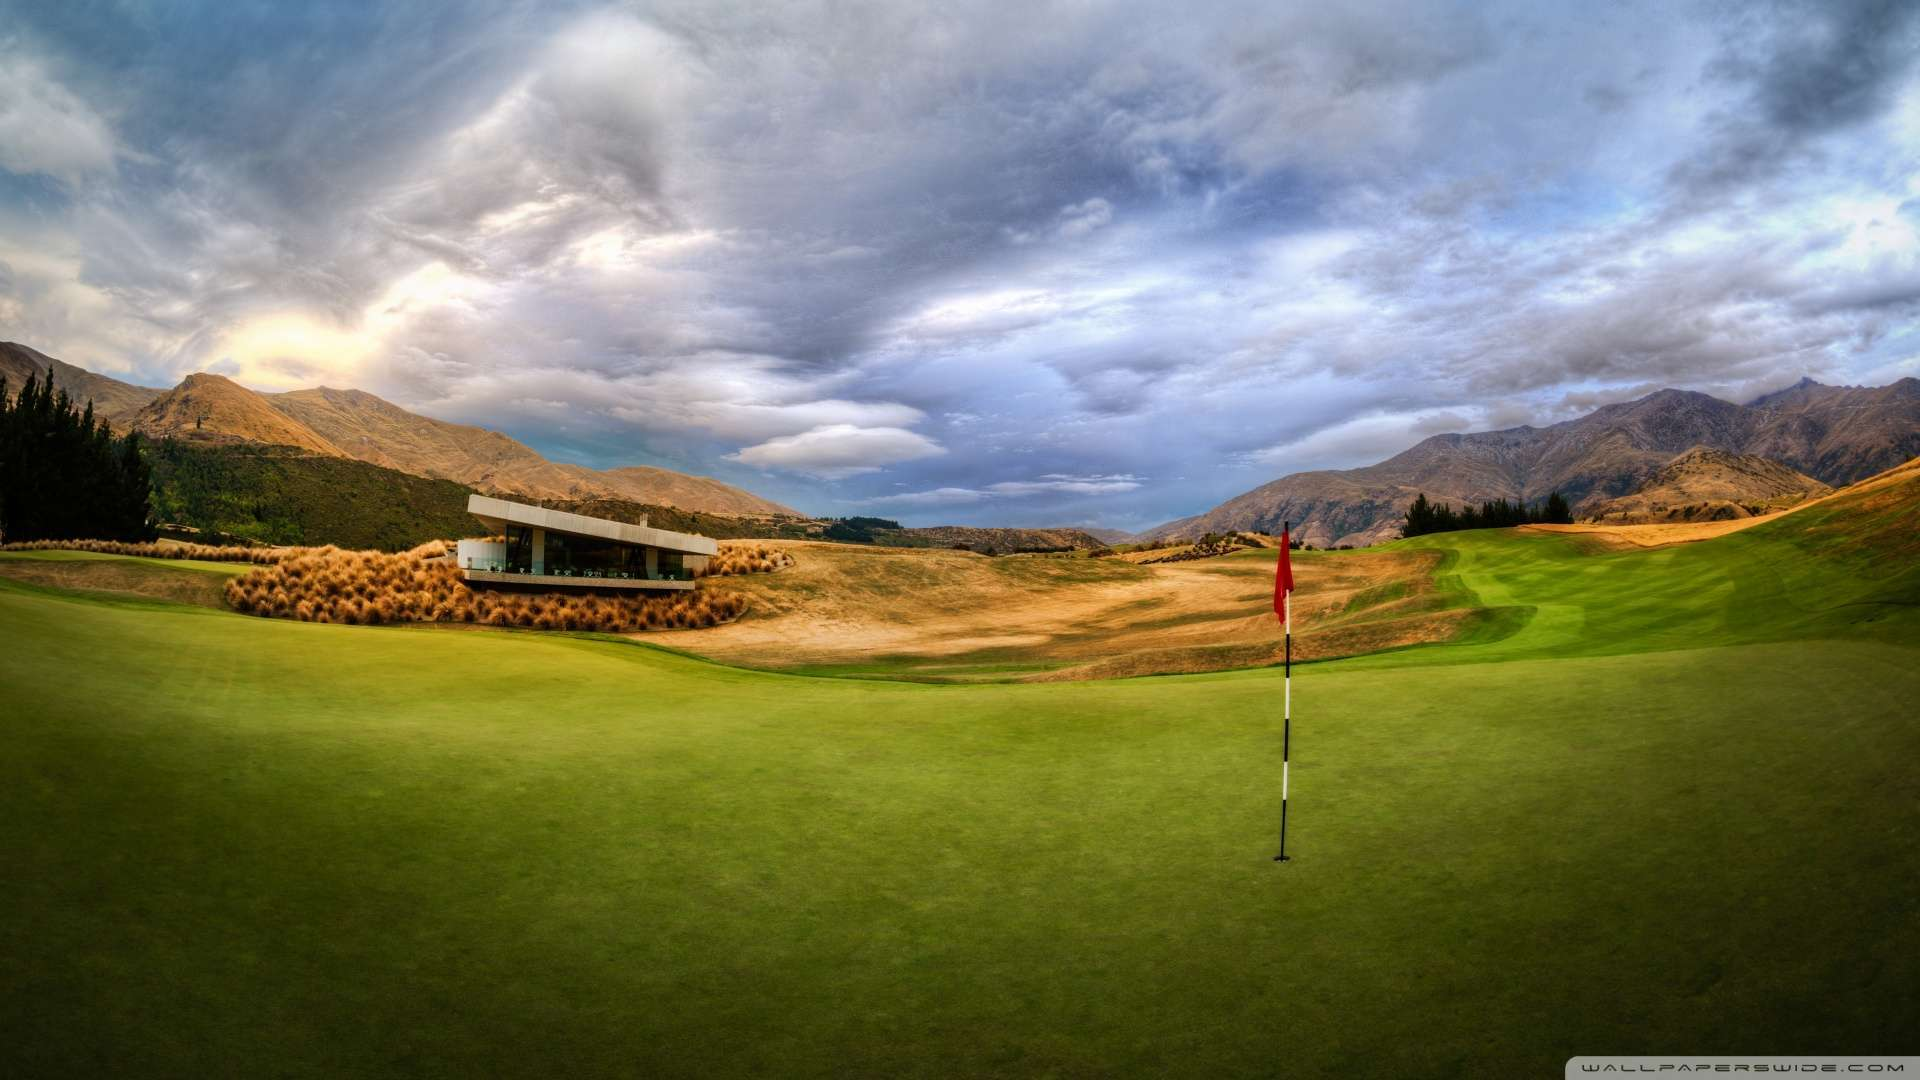 1920x1080 Hd Golf Course 1024 X 768 250 Kb Jpeg HD Wallpapers   100 1920x1080